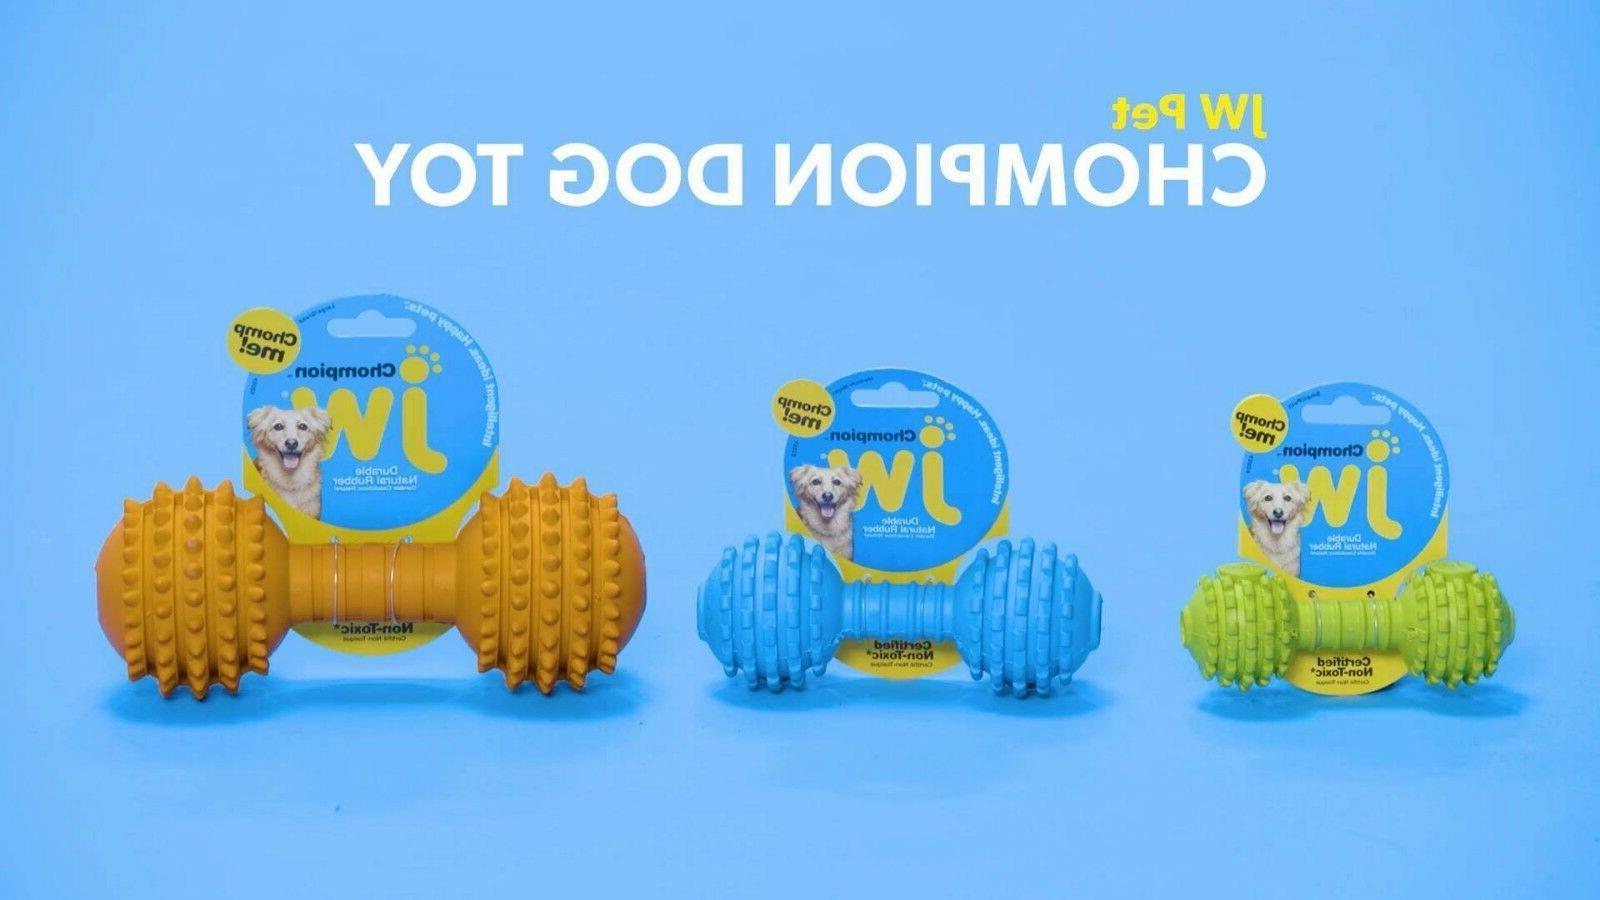 JW Toy,